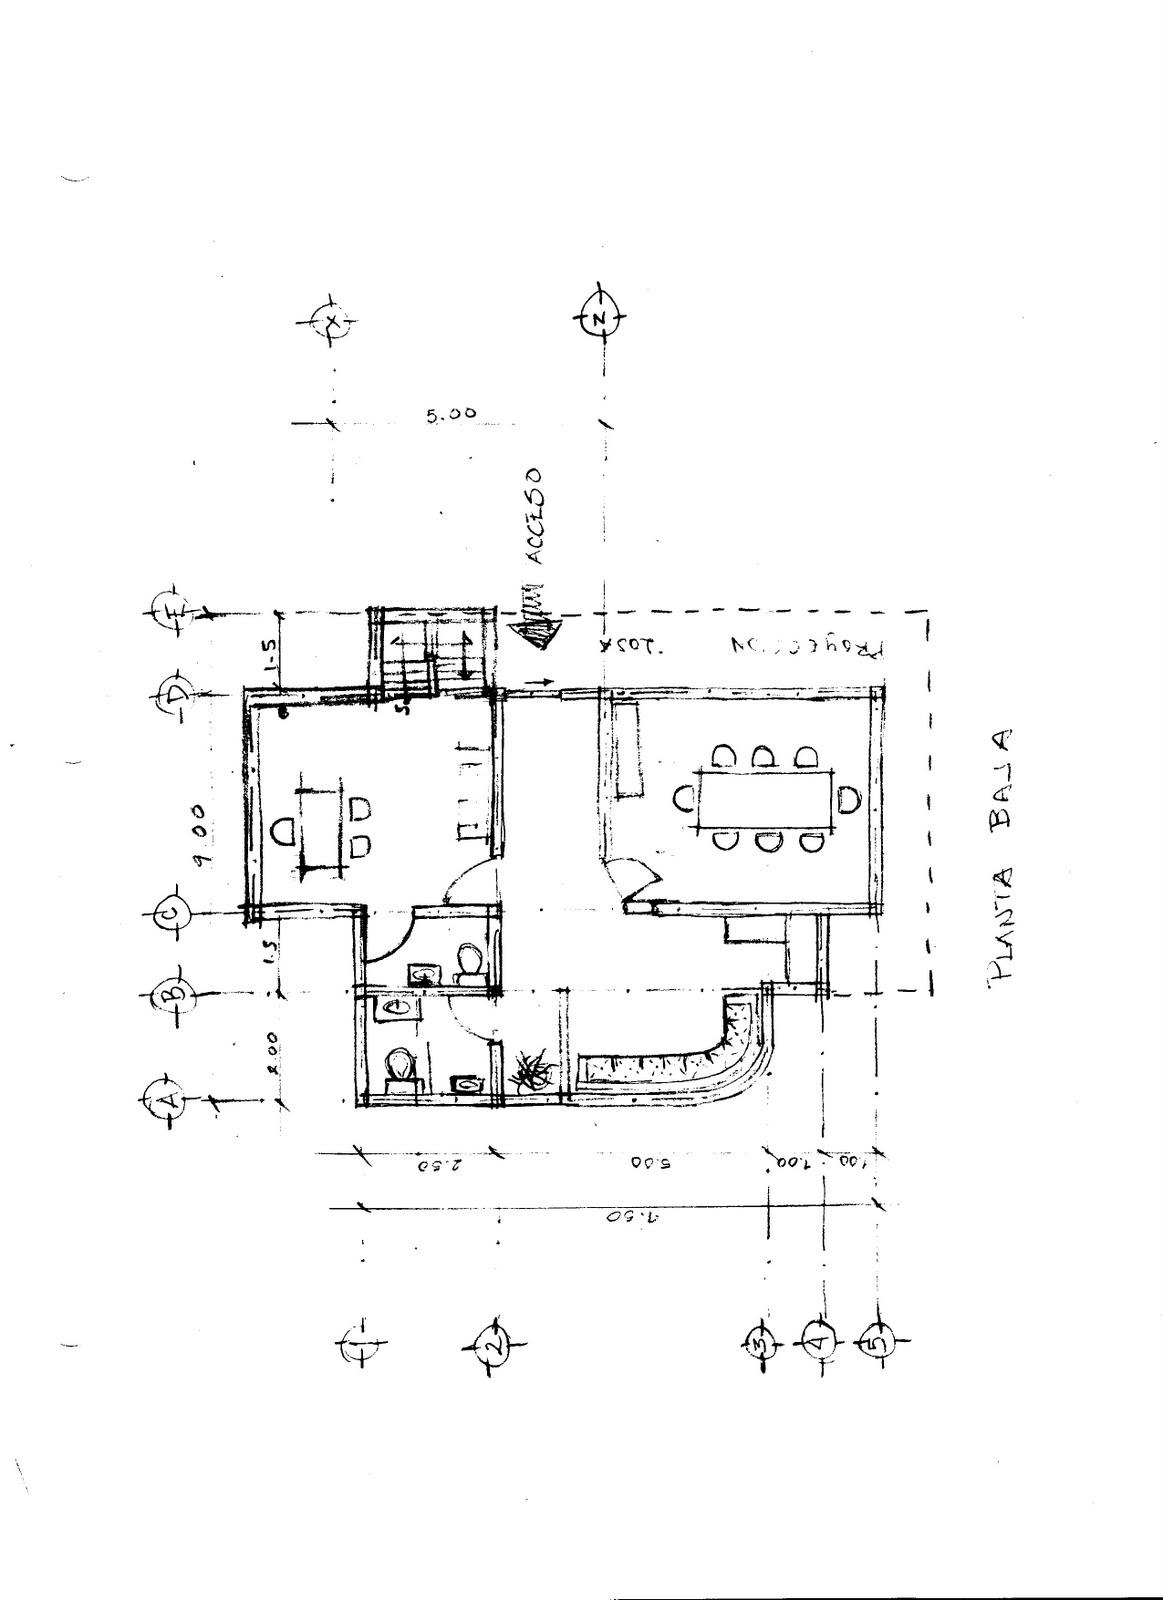 Anpu y su Necropolis: Despacho Arquitectonico